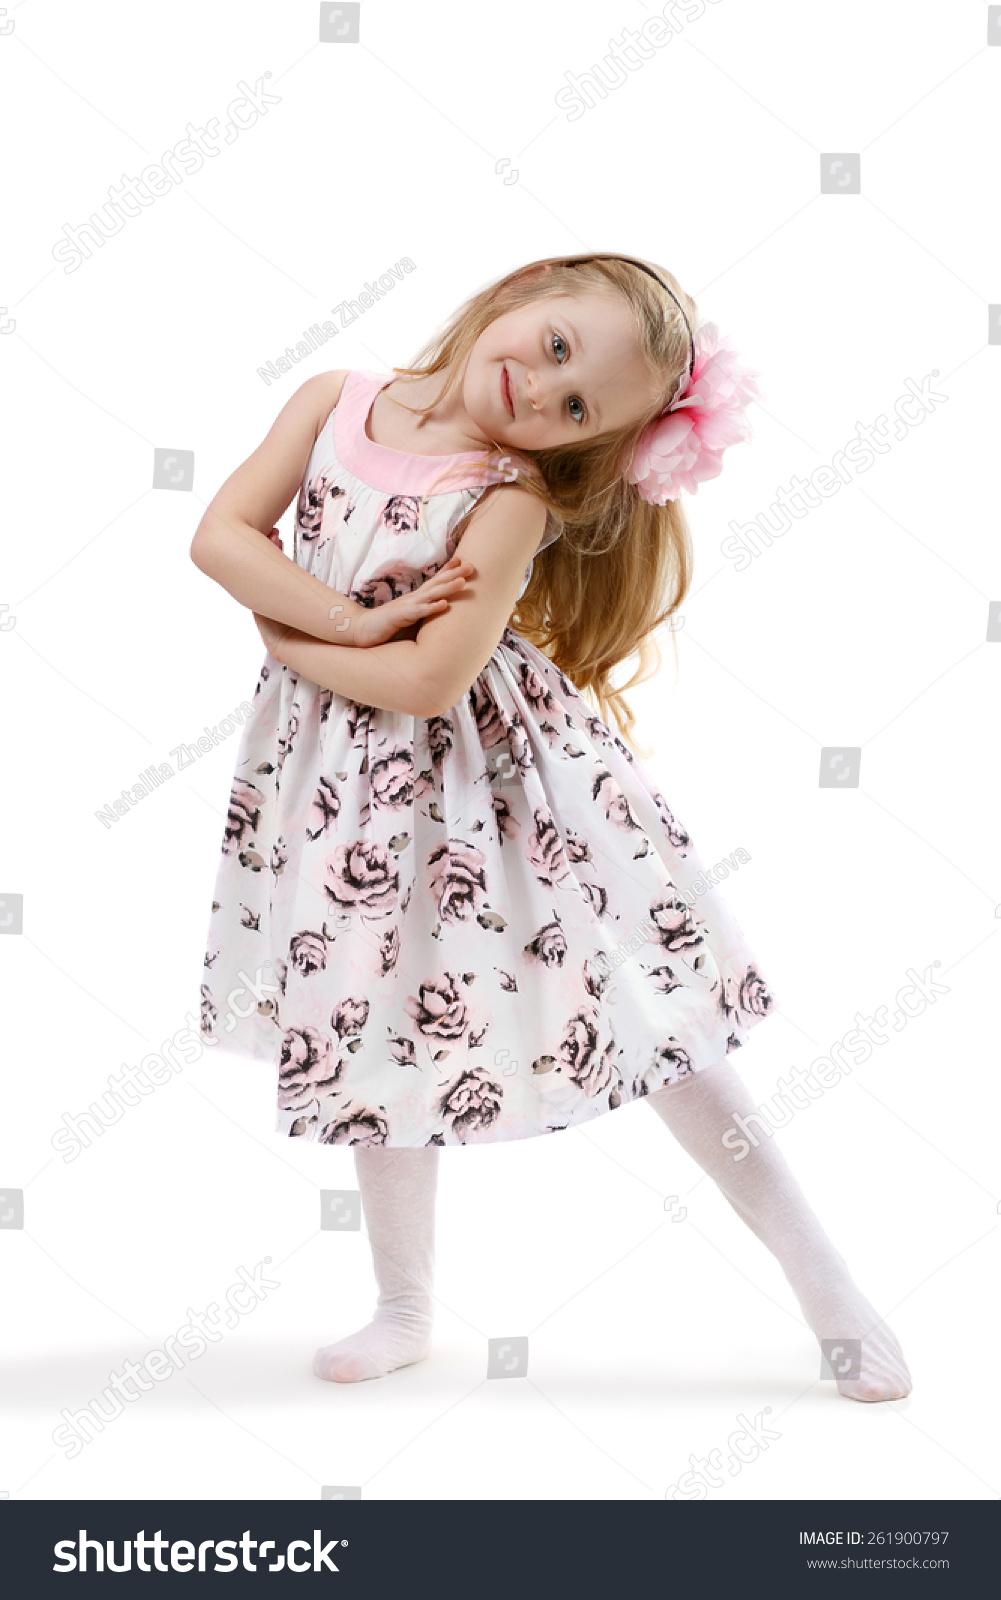 用报纸做服装步骤图片裙子图片